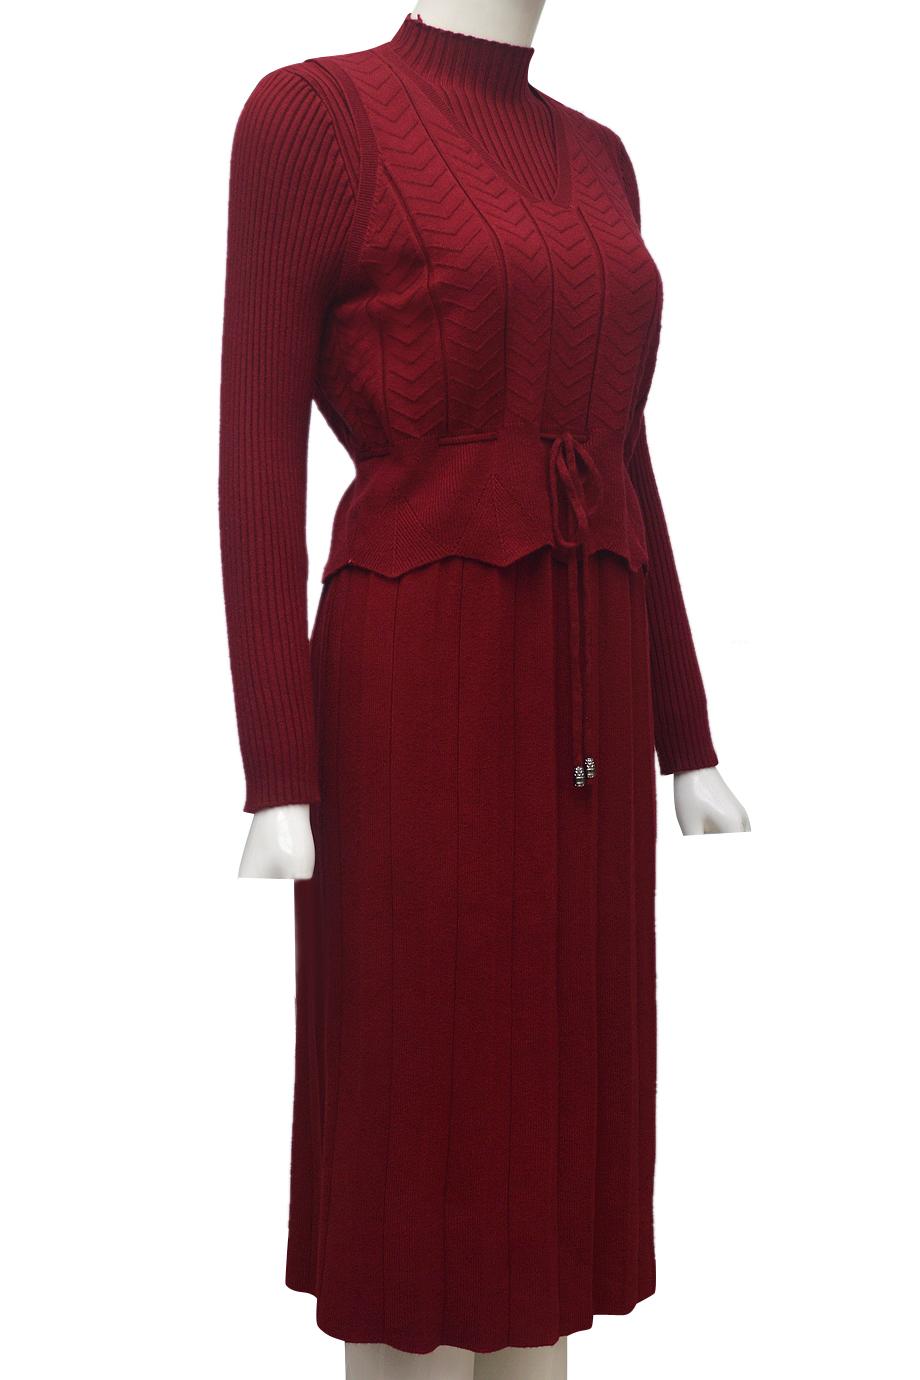 Váy len cặp thời trang ELMI cao cấp màu đỏ đô EV46-1